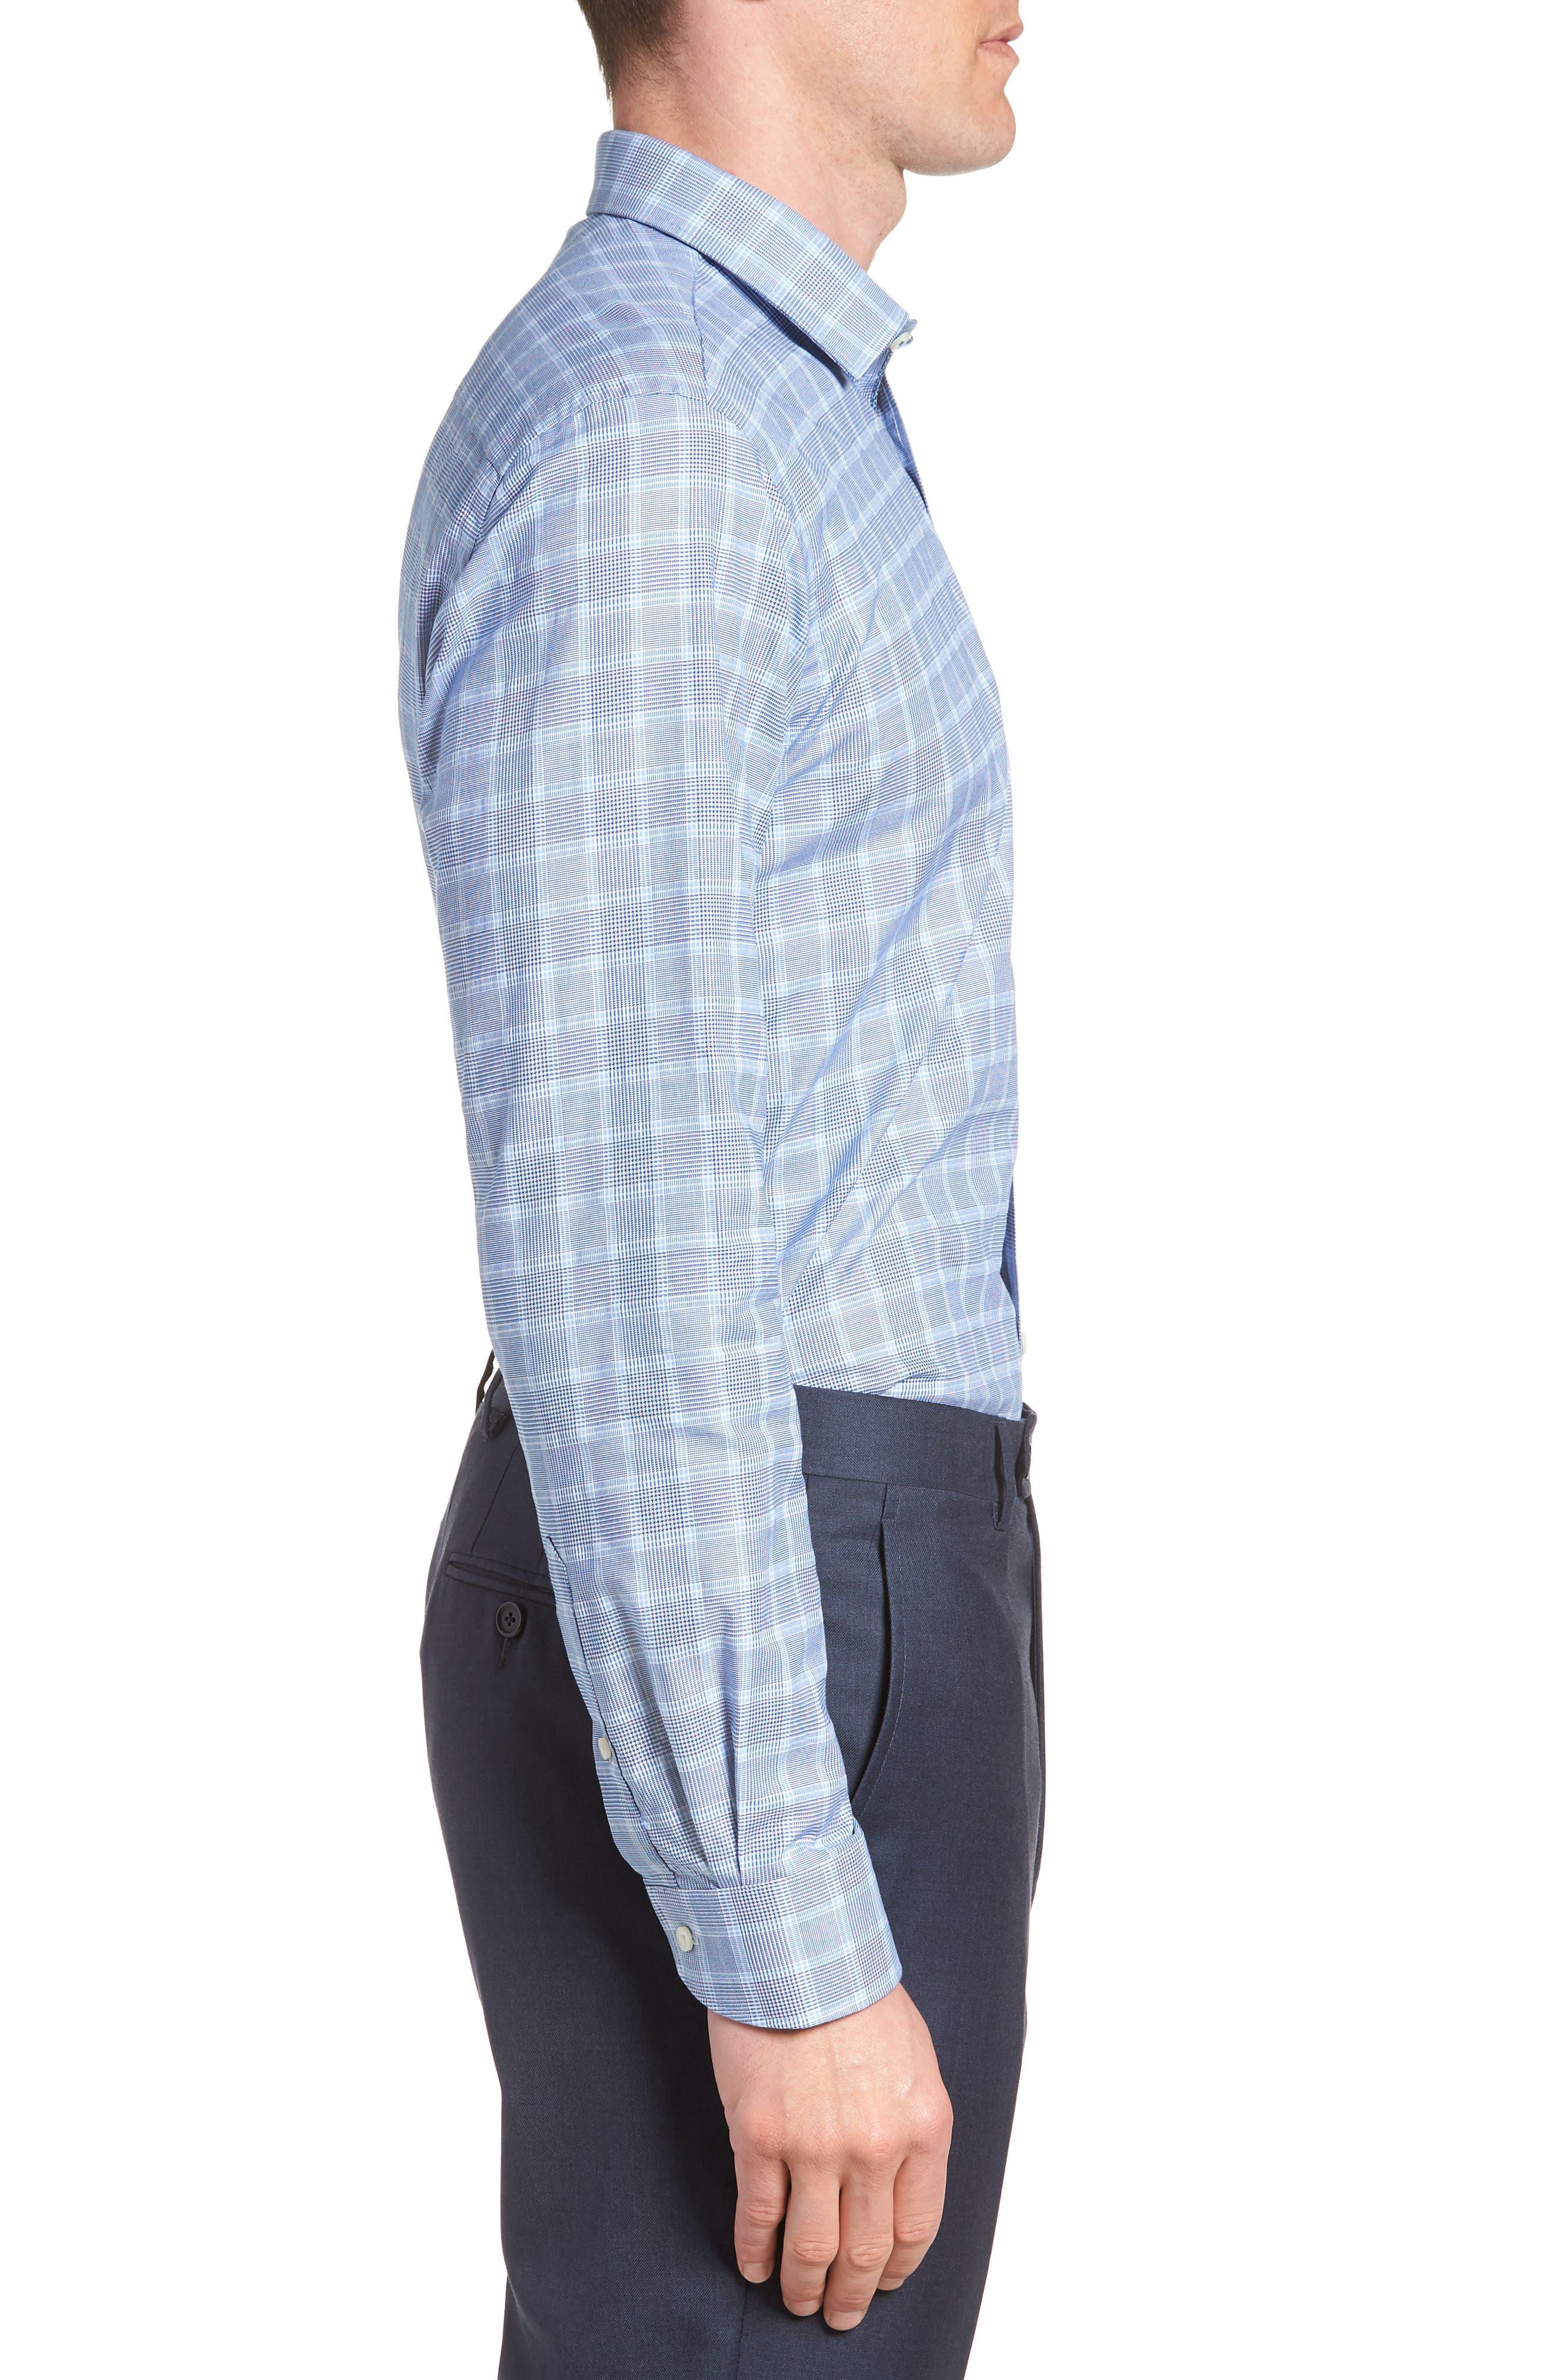 Royaltt Trim Fit Plaid Dress Shirt,                             Alternate thumbnail 4, color,                             NAVY